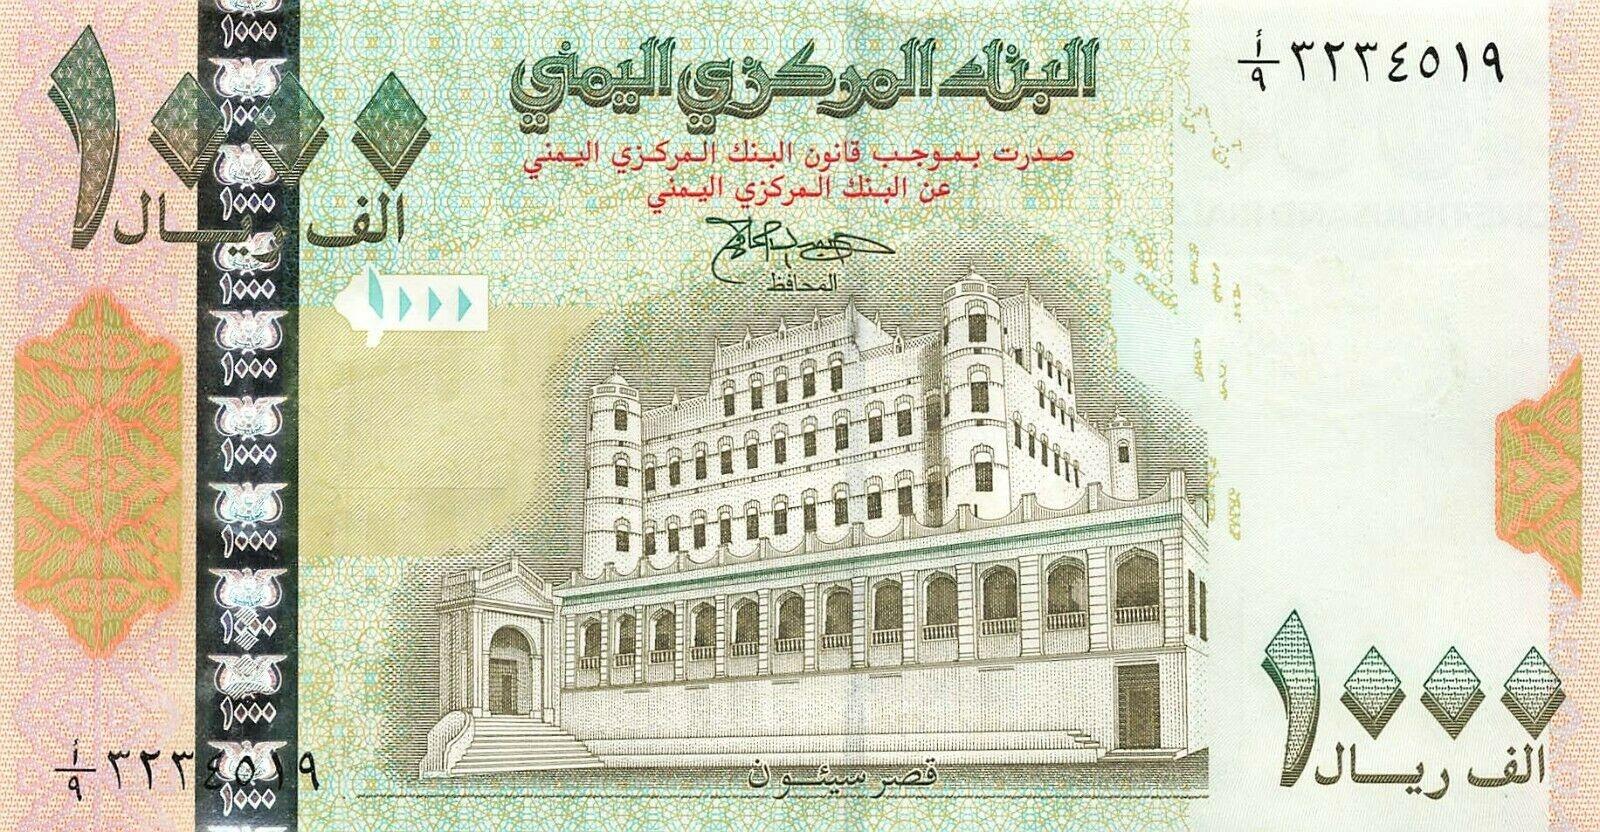 ЙЕМЕН 1000 риалов 1998 P-32 подпись 10 UNC